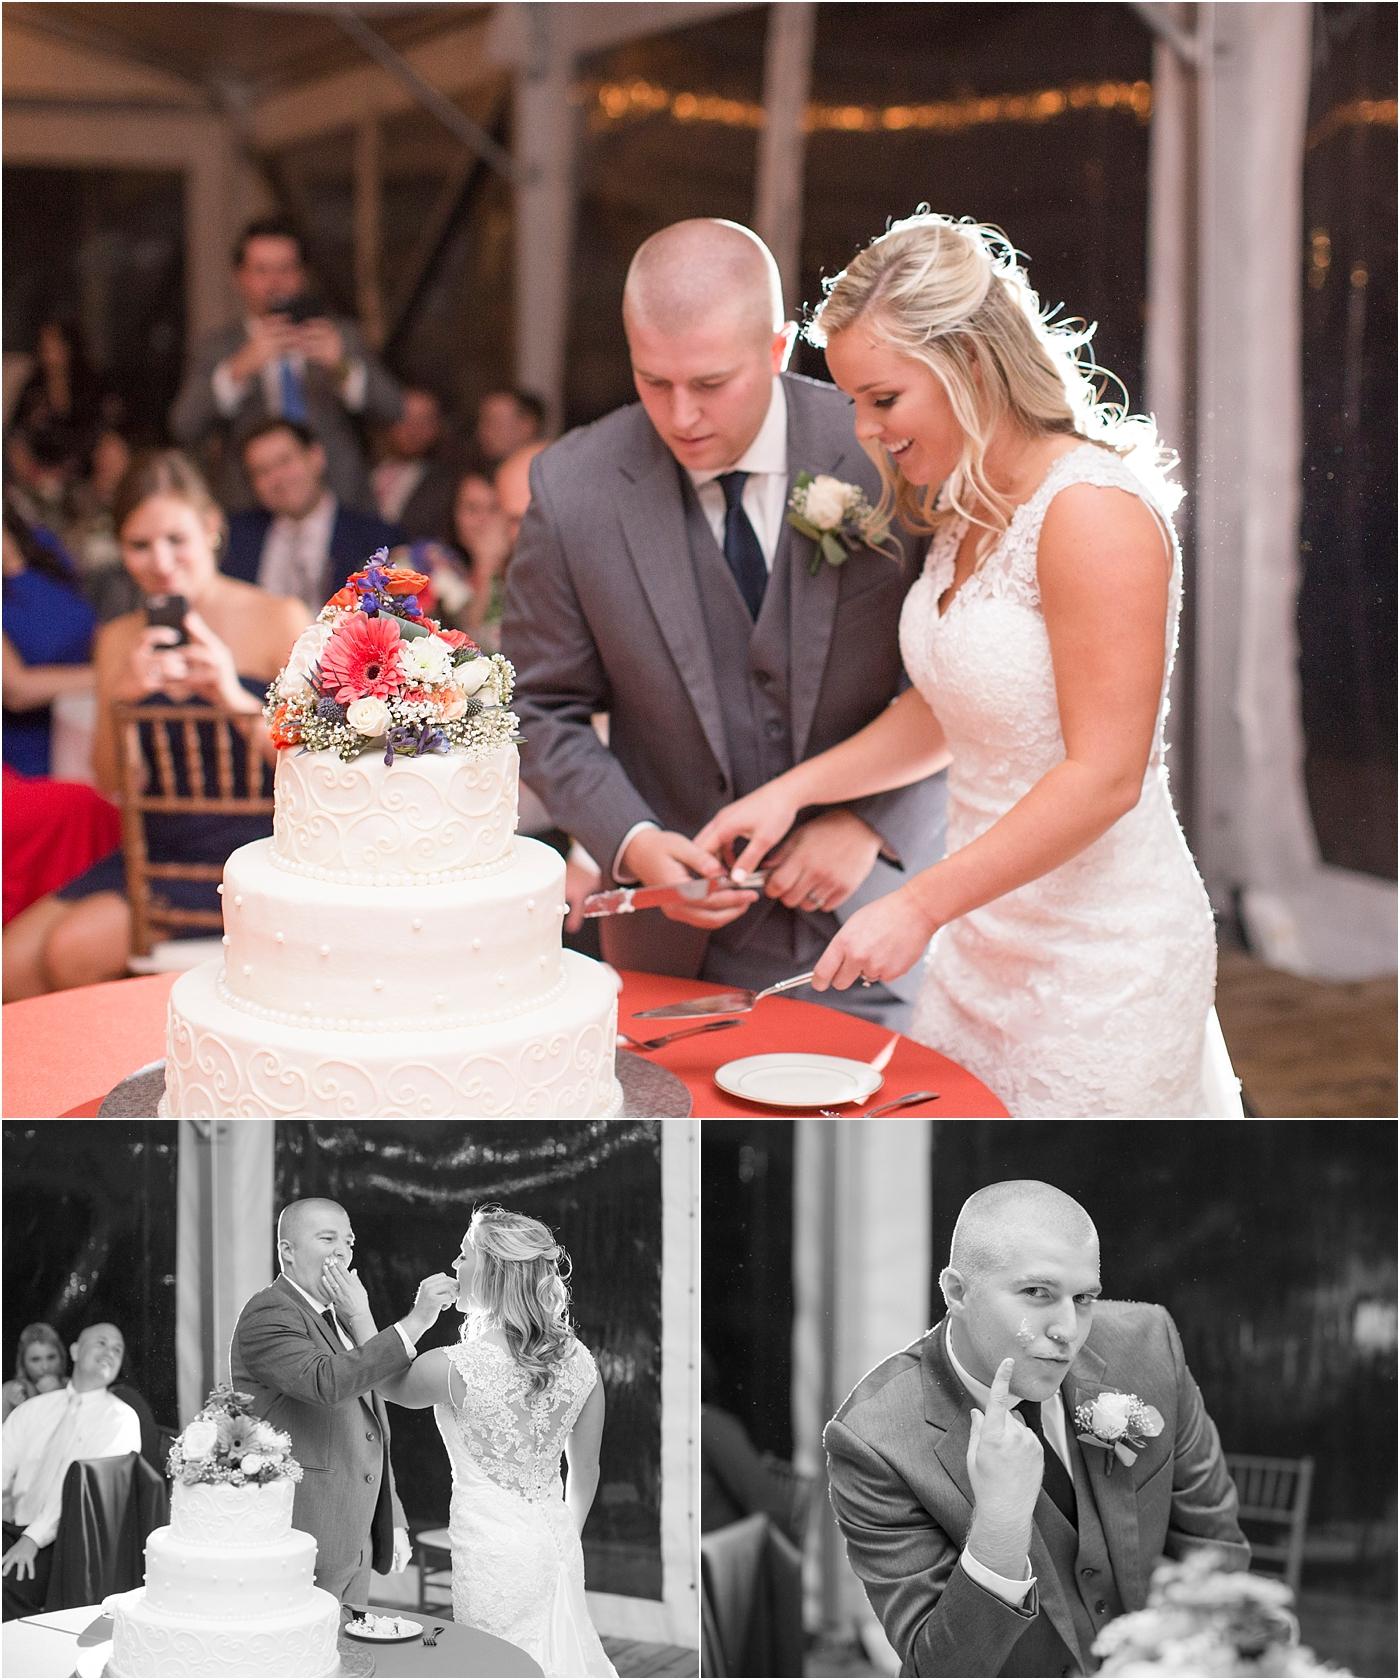 Walkers-Overlook-Wedding-102.jpg